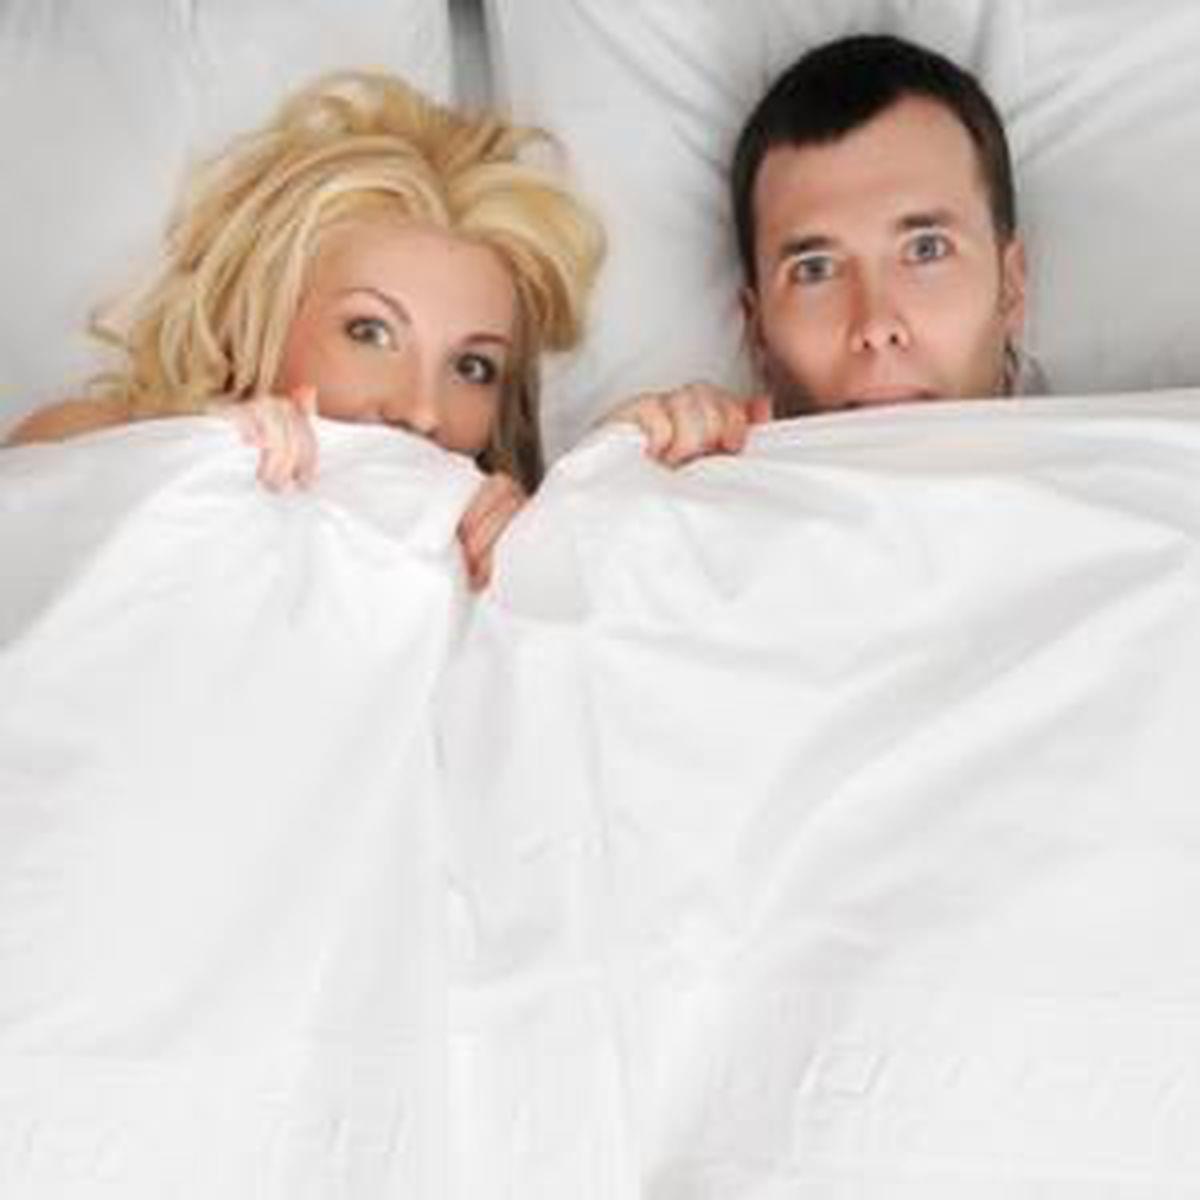 8 moduri în care femeile îi intimidează pe bărbaţi în pat